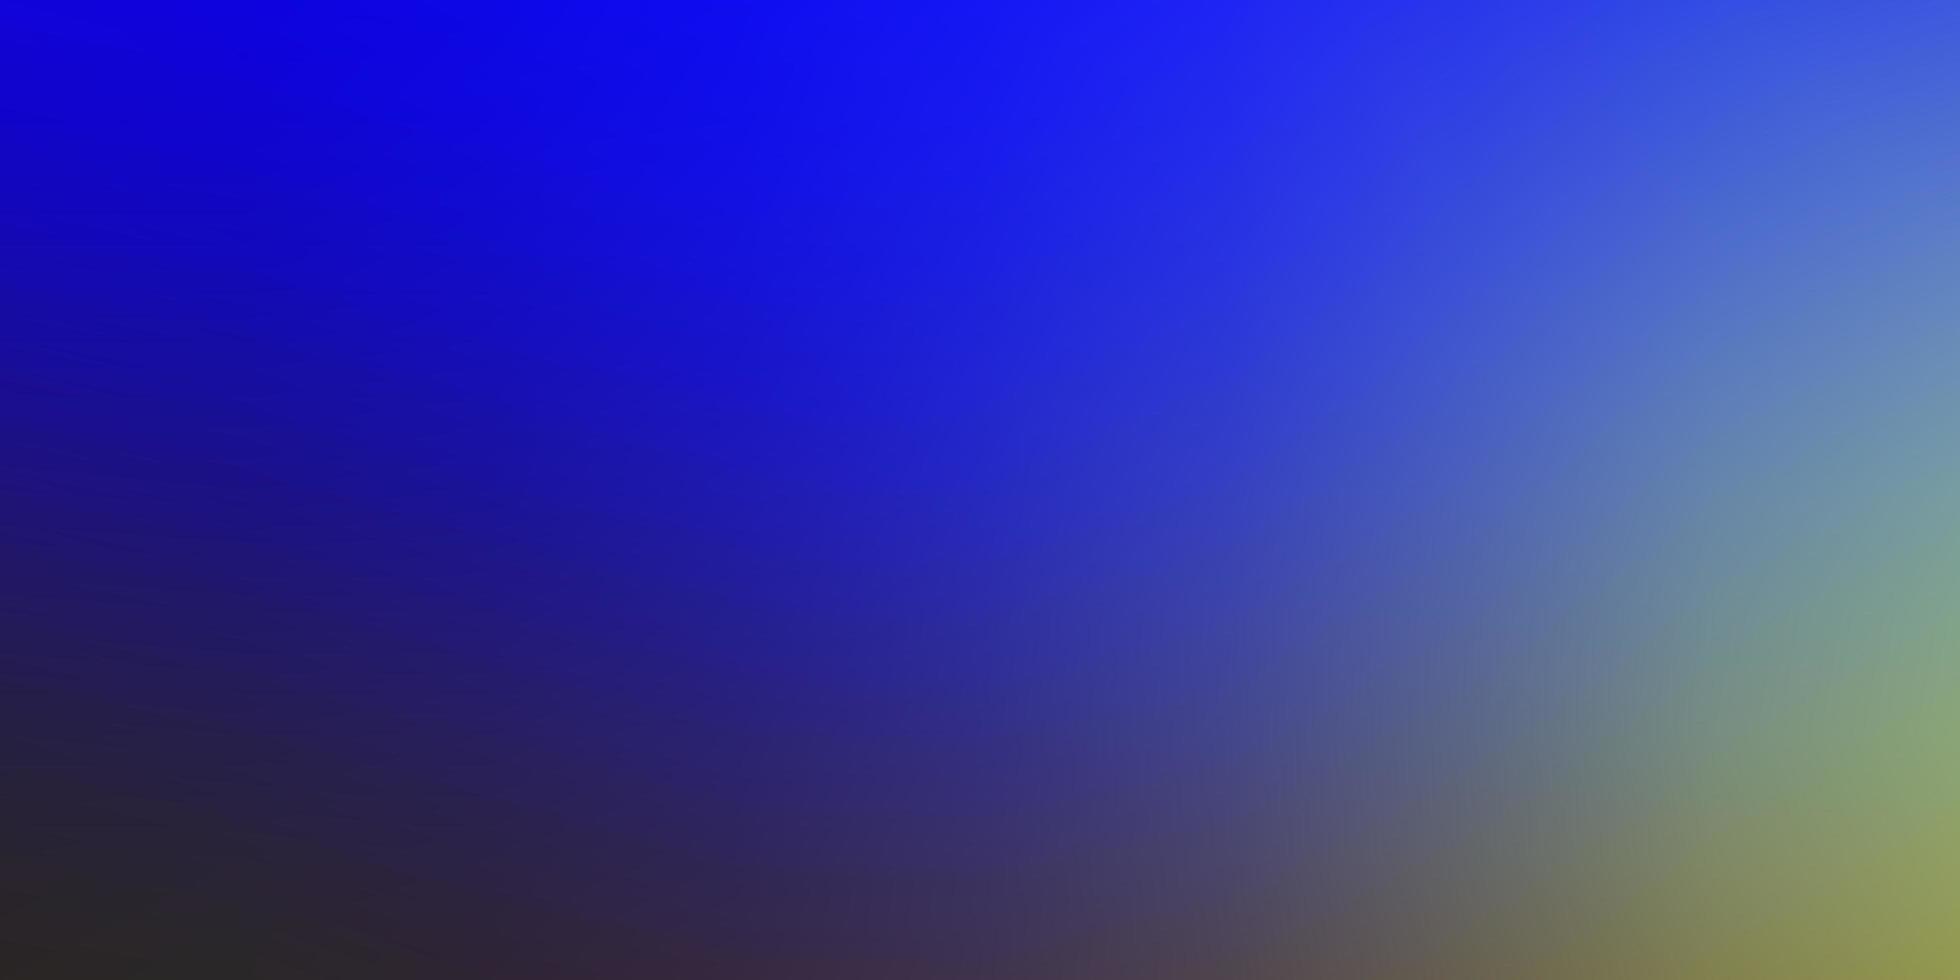 luz azul, verde vetor turva padrão colorido.